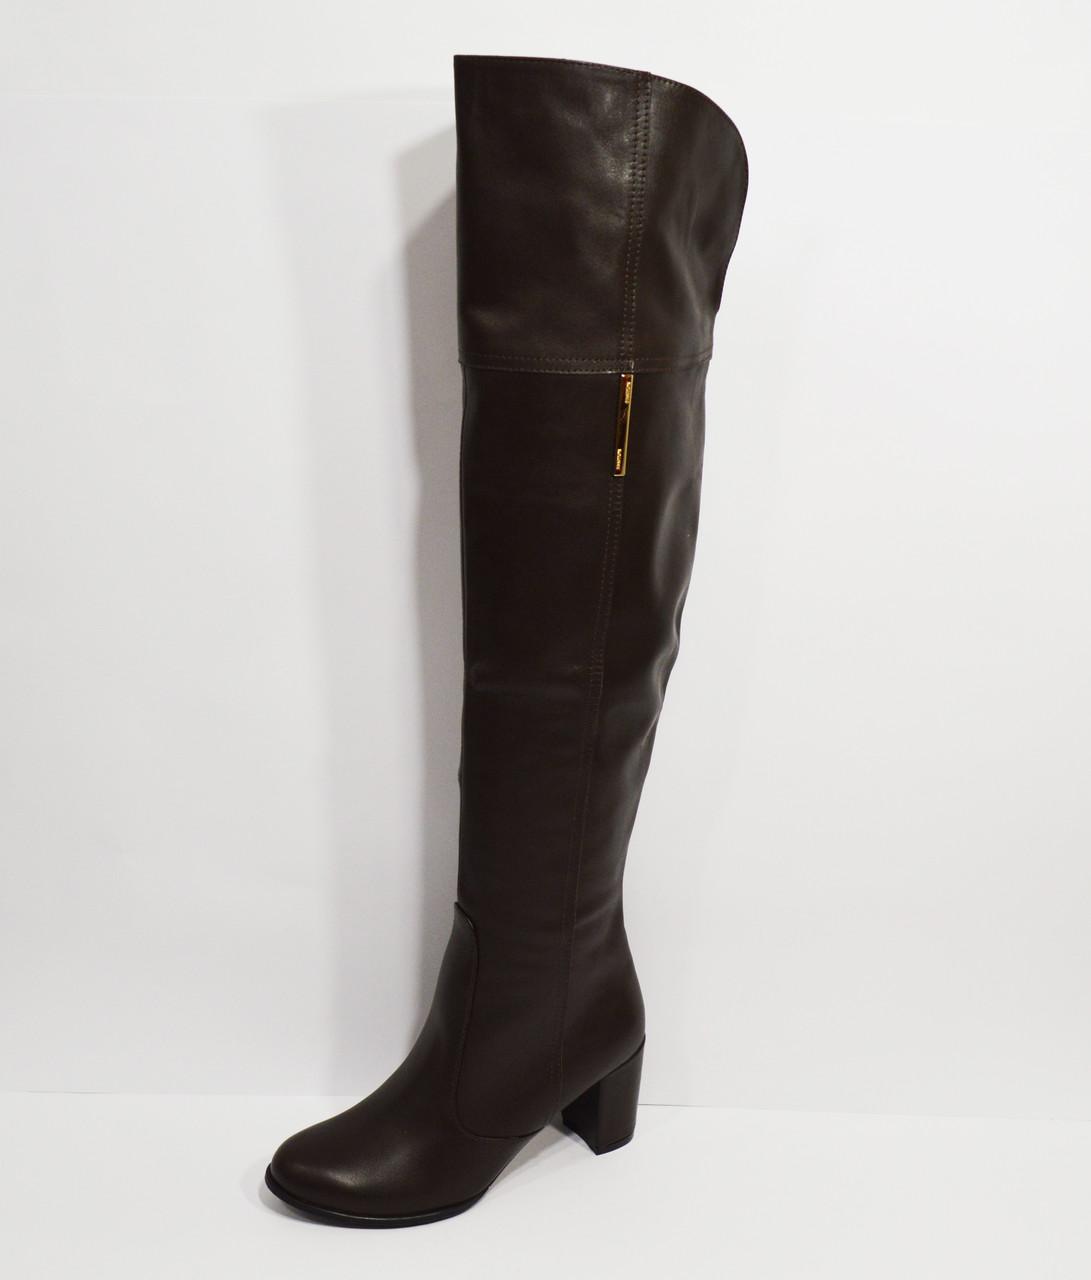 Чоботи коричневі демісезонні Kluchini 3403